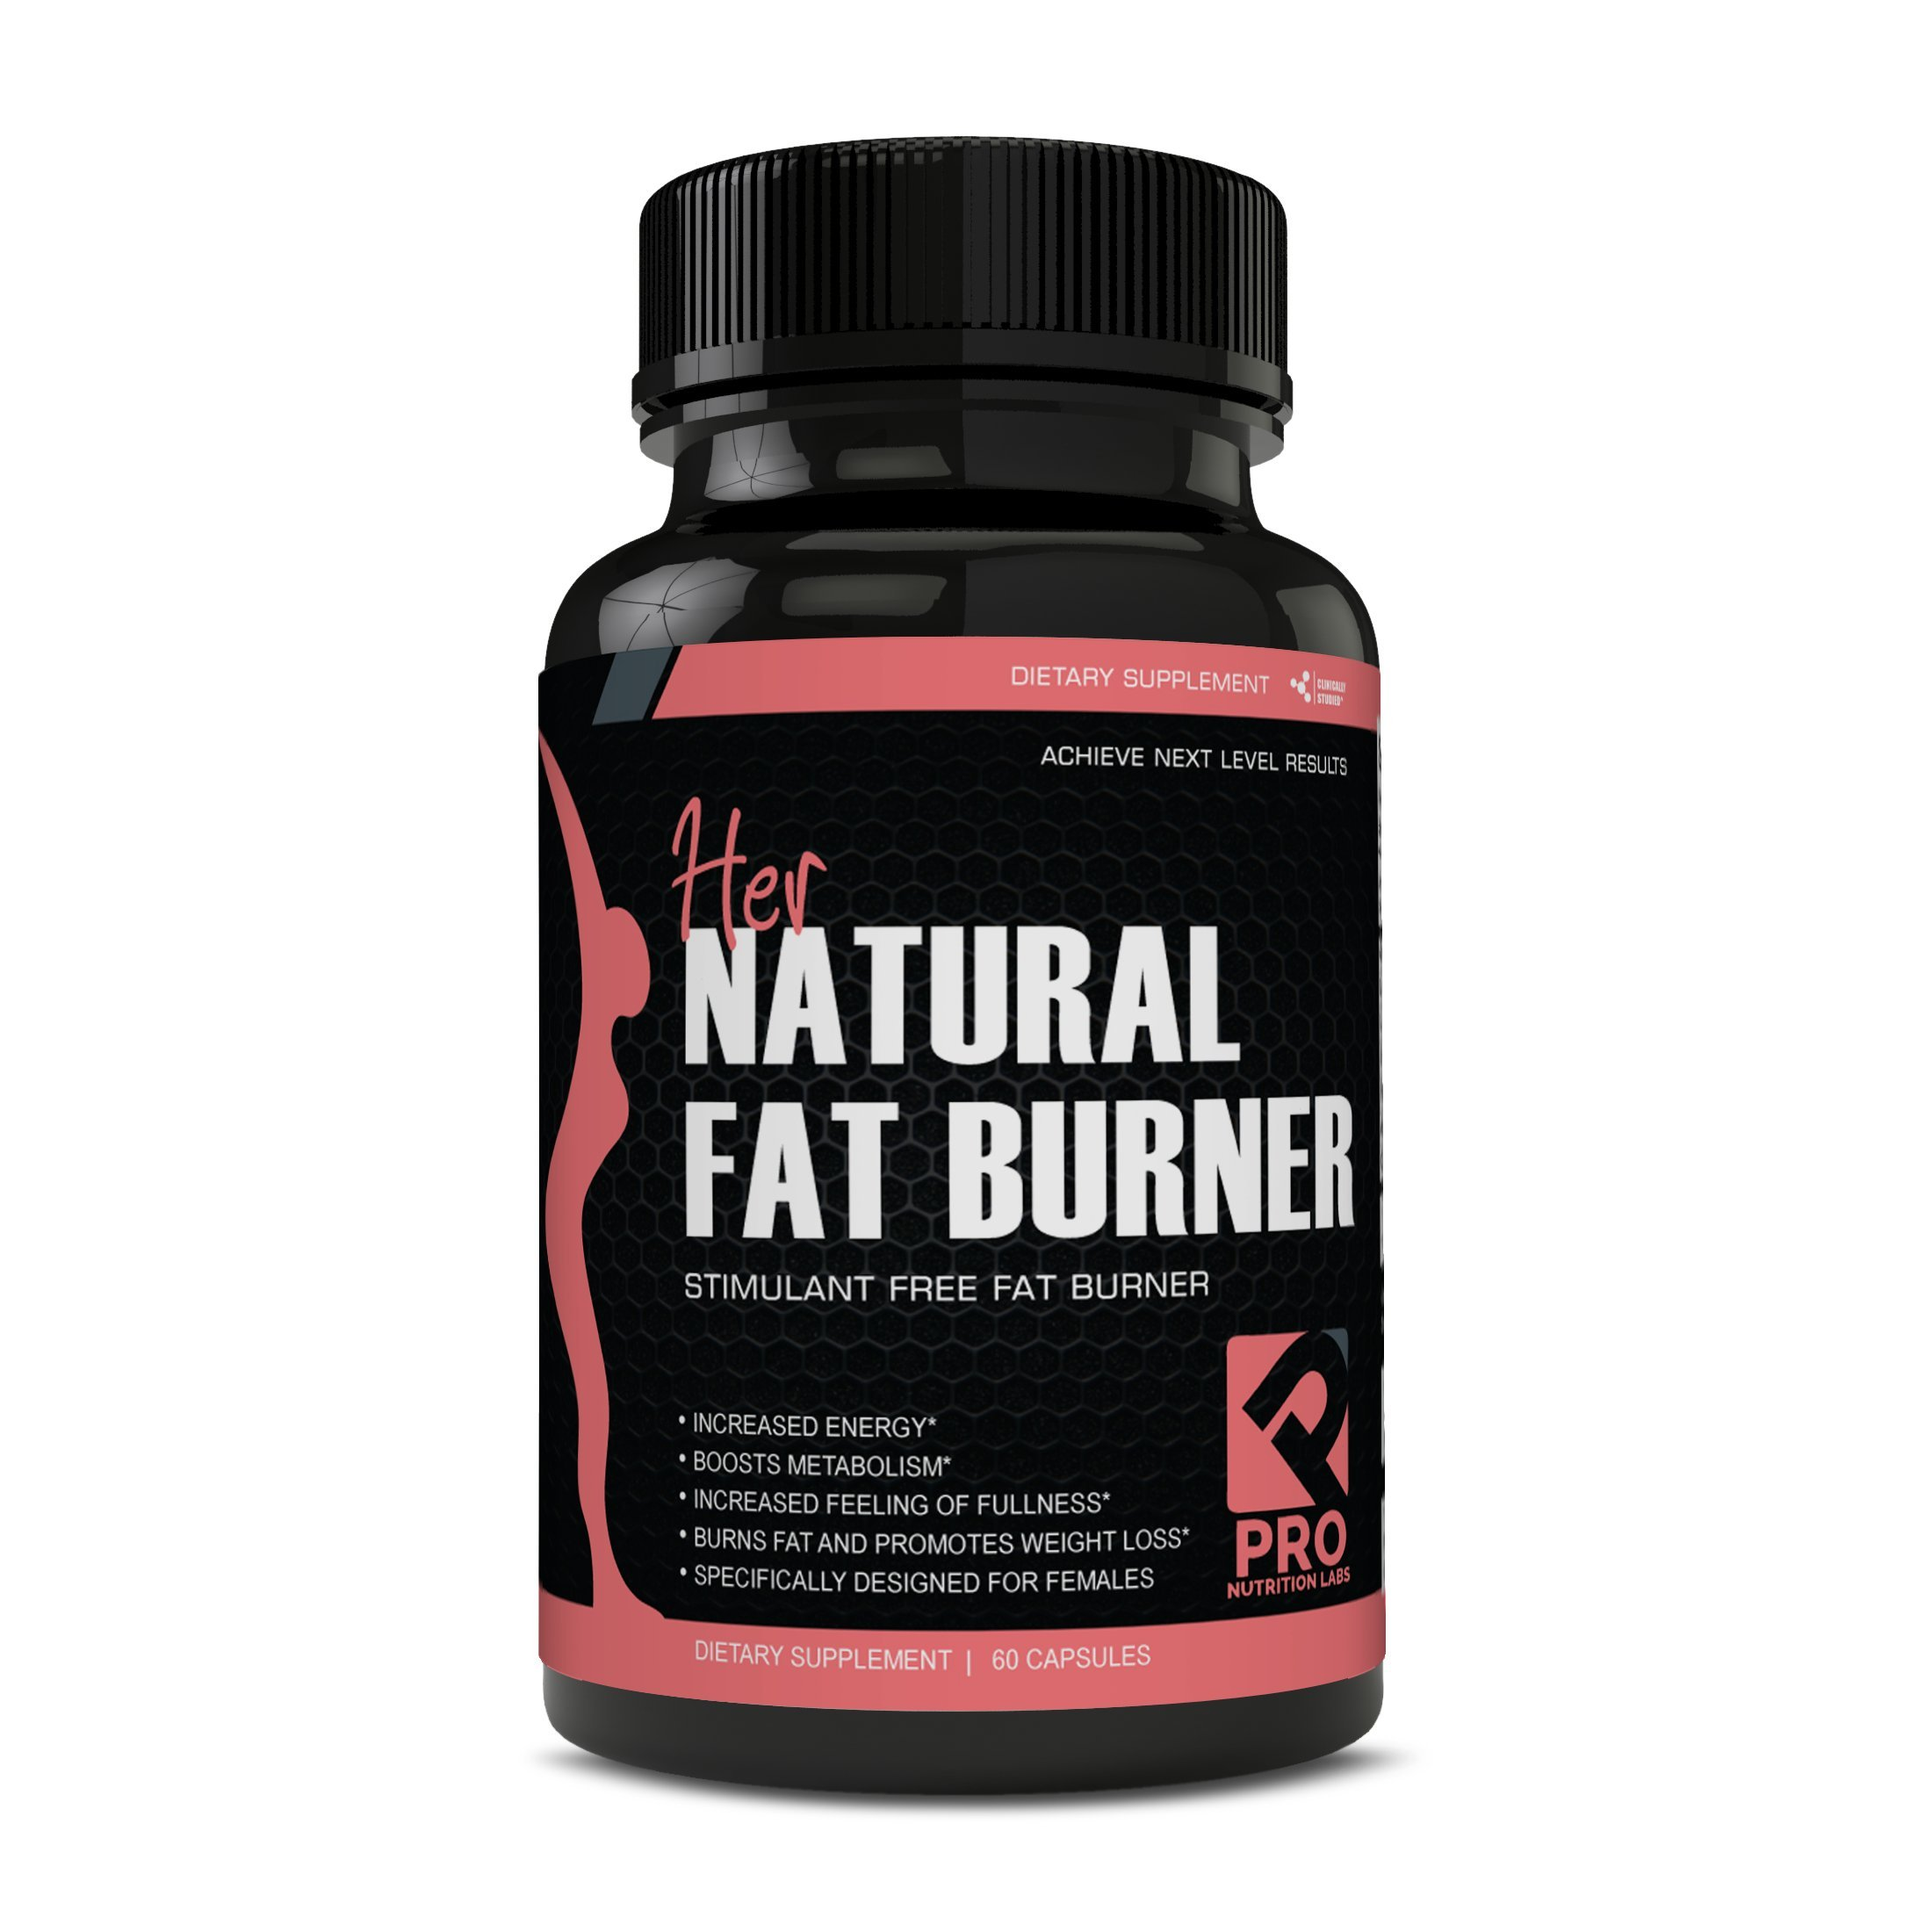 Her Natural Fat Burner For Women - Stimulant Free Fat Burner Designed For Women